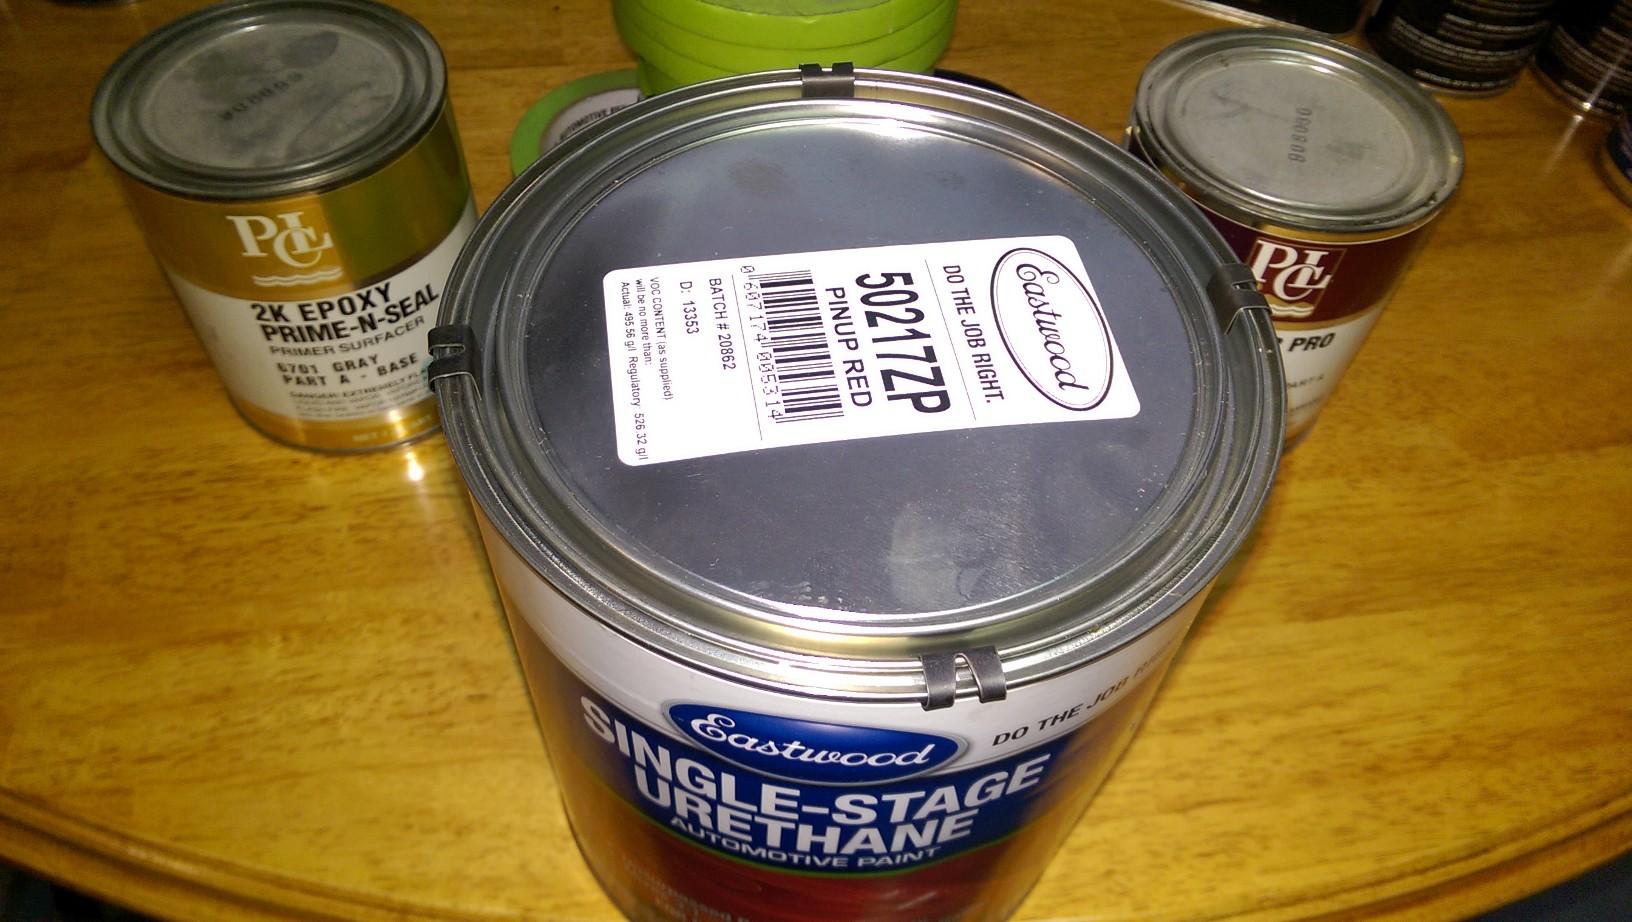 Valspar ppg eastwood automotive paint supplies for Automotive paint suppliers